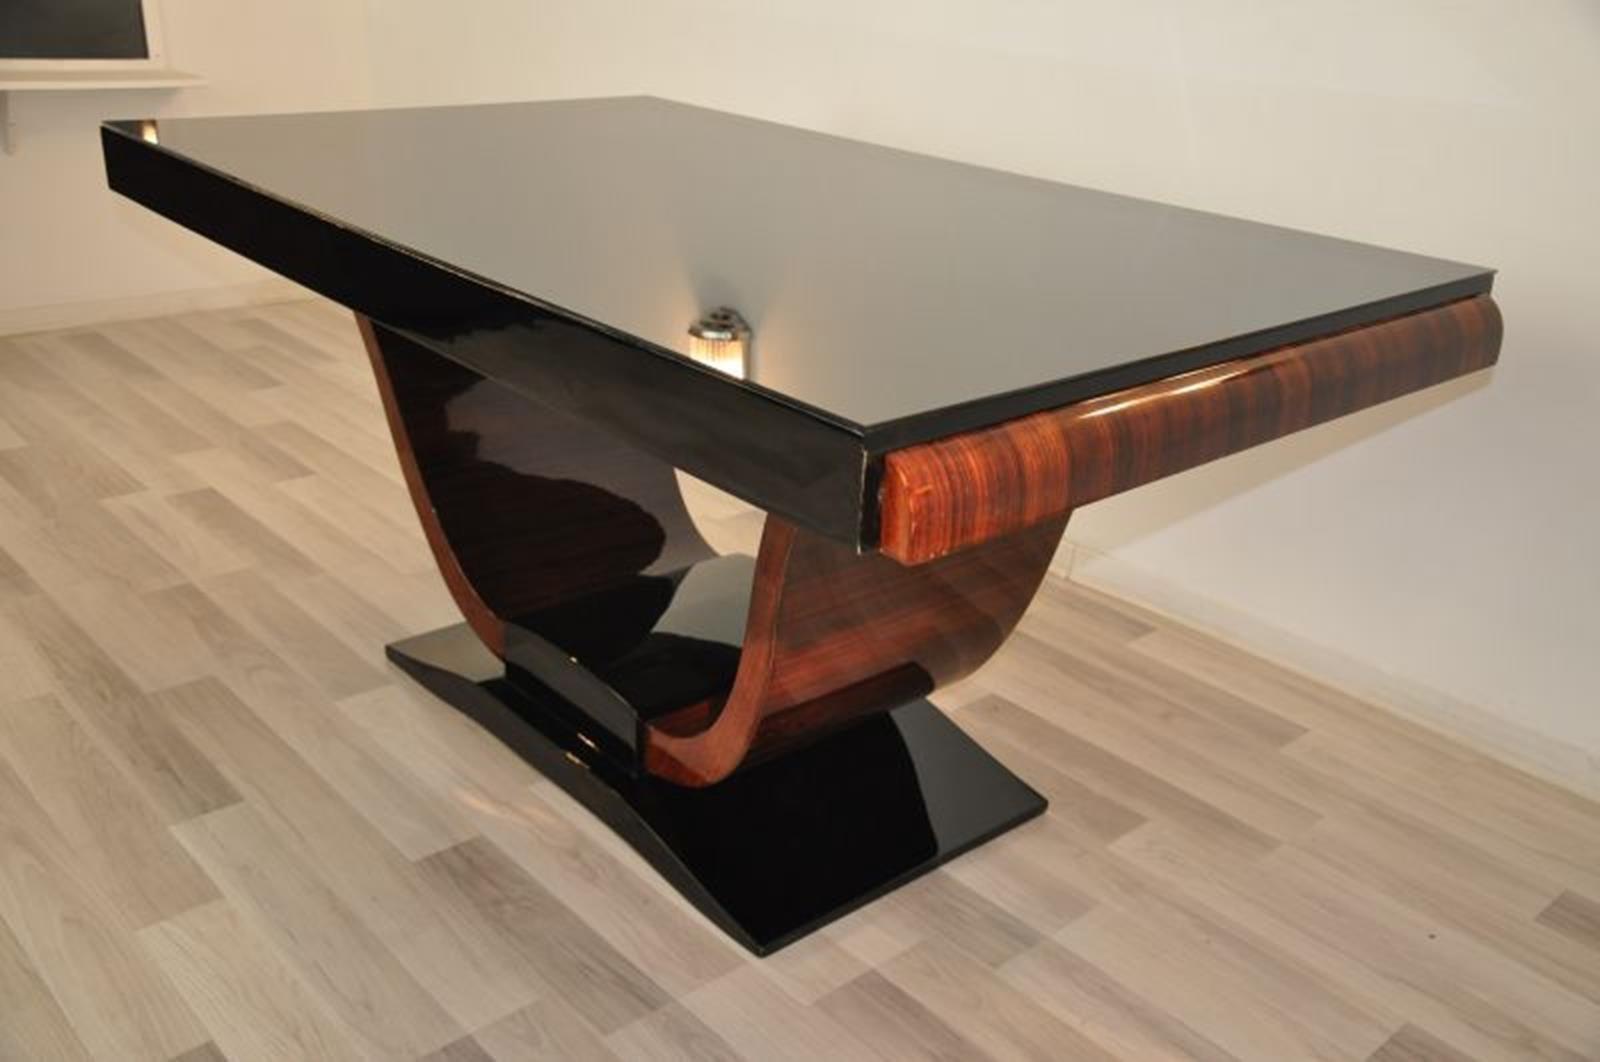 Tavolo Pranzo Art Deco tavolo da pranzo art deco vintage con piede in macassar, anni '30